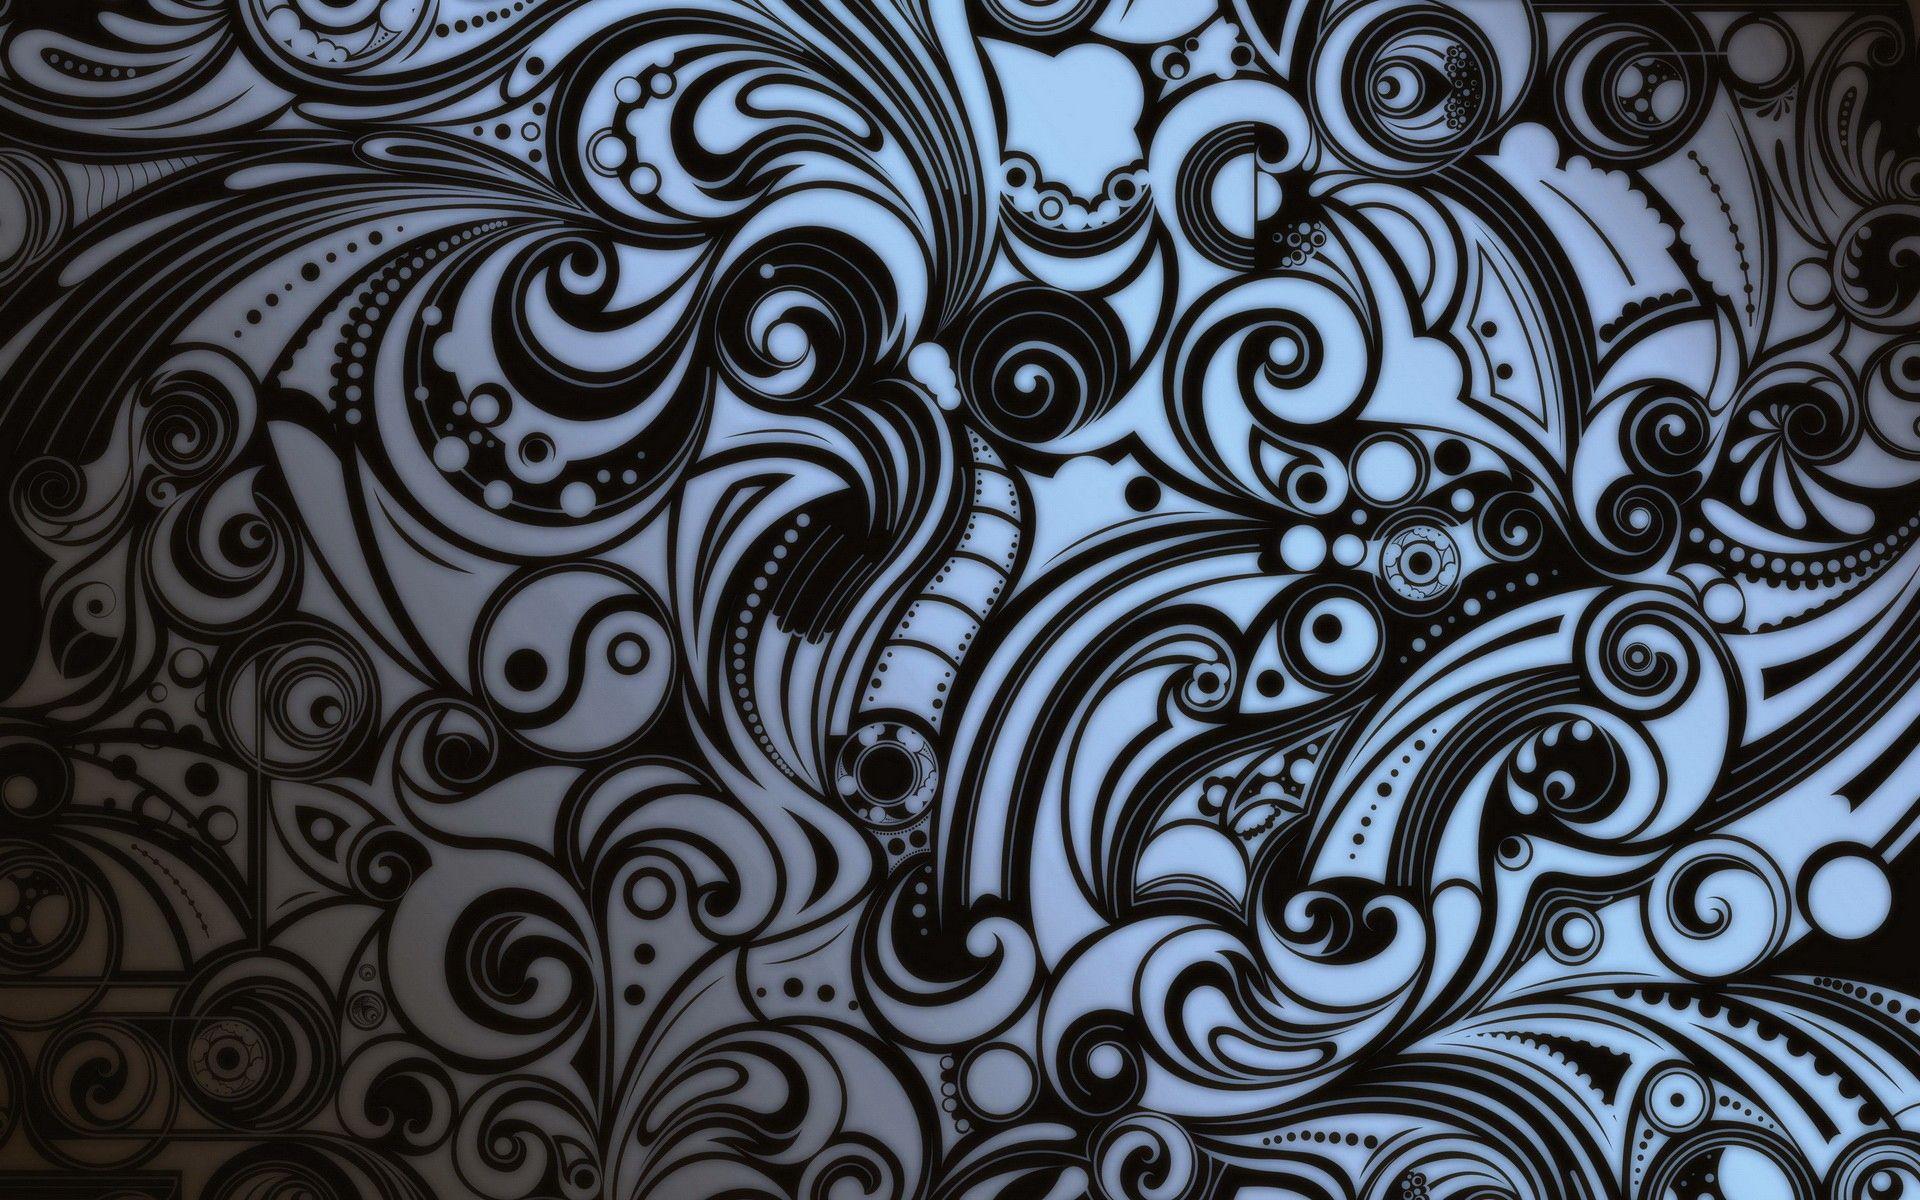 Tribal Wallpaper Abstract Hd Wallpaper Wallpaper hd tribal tattoo